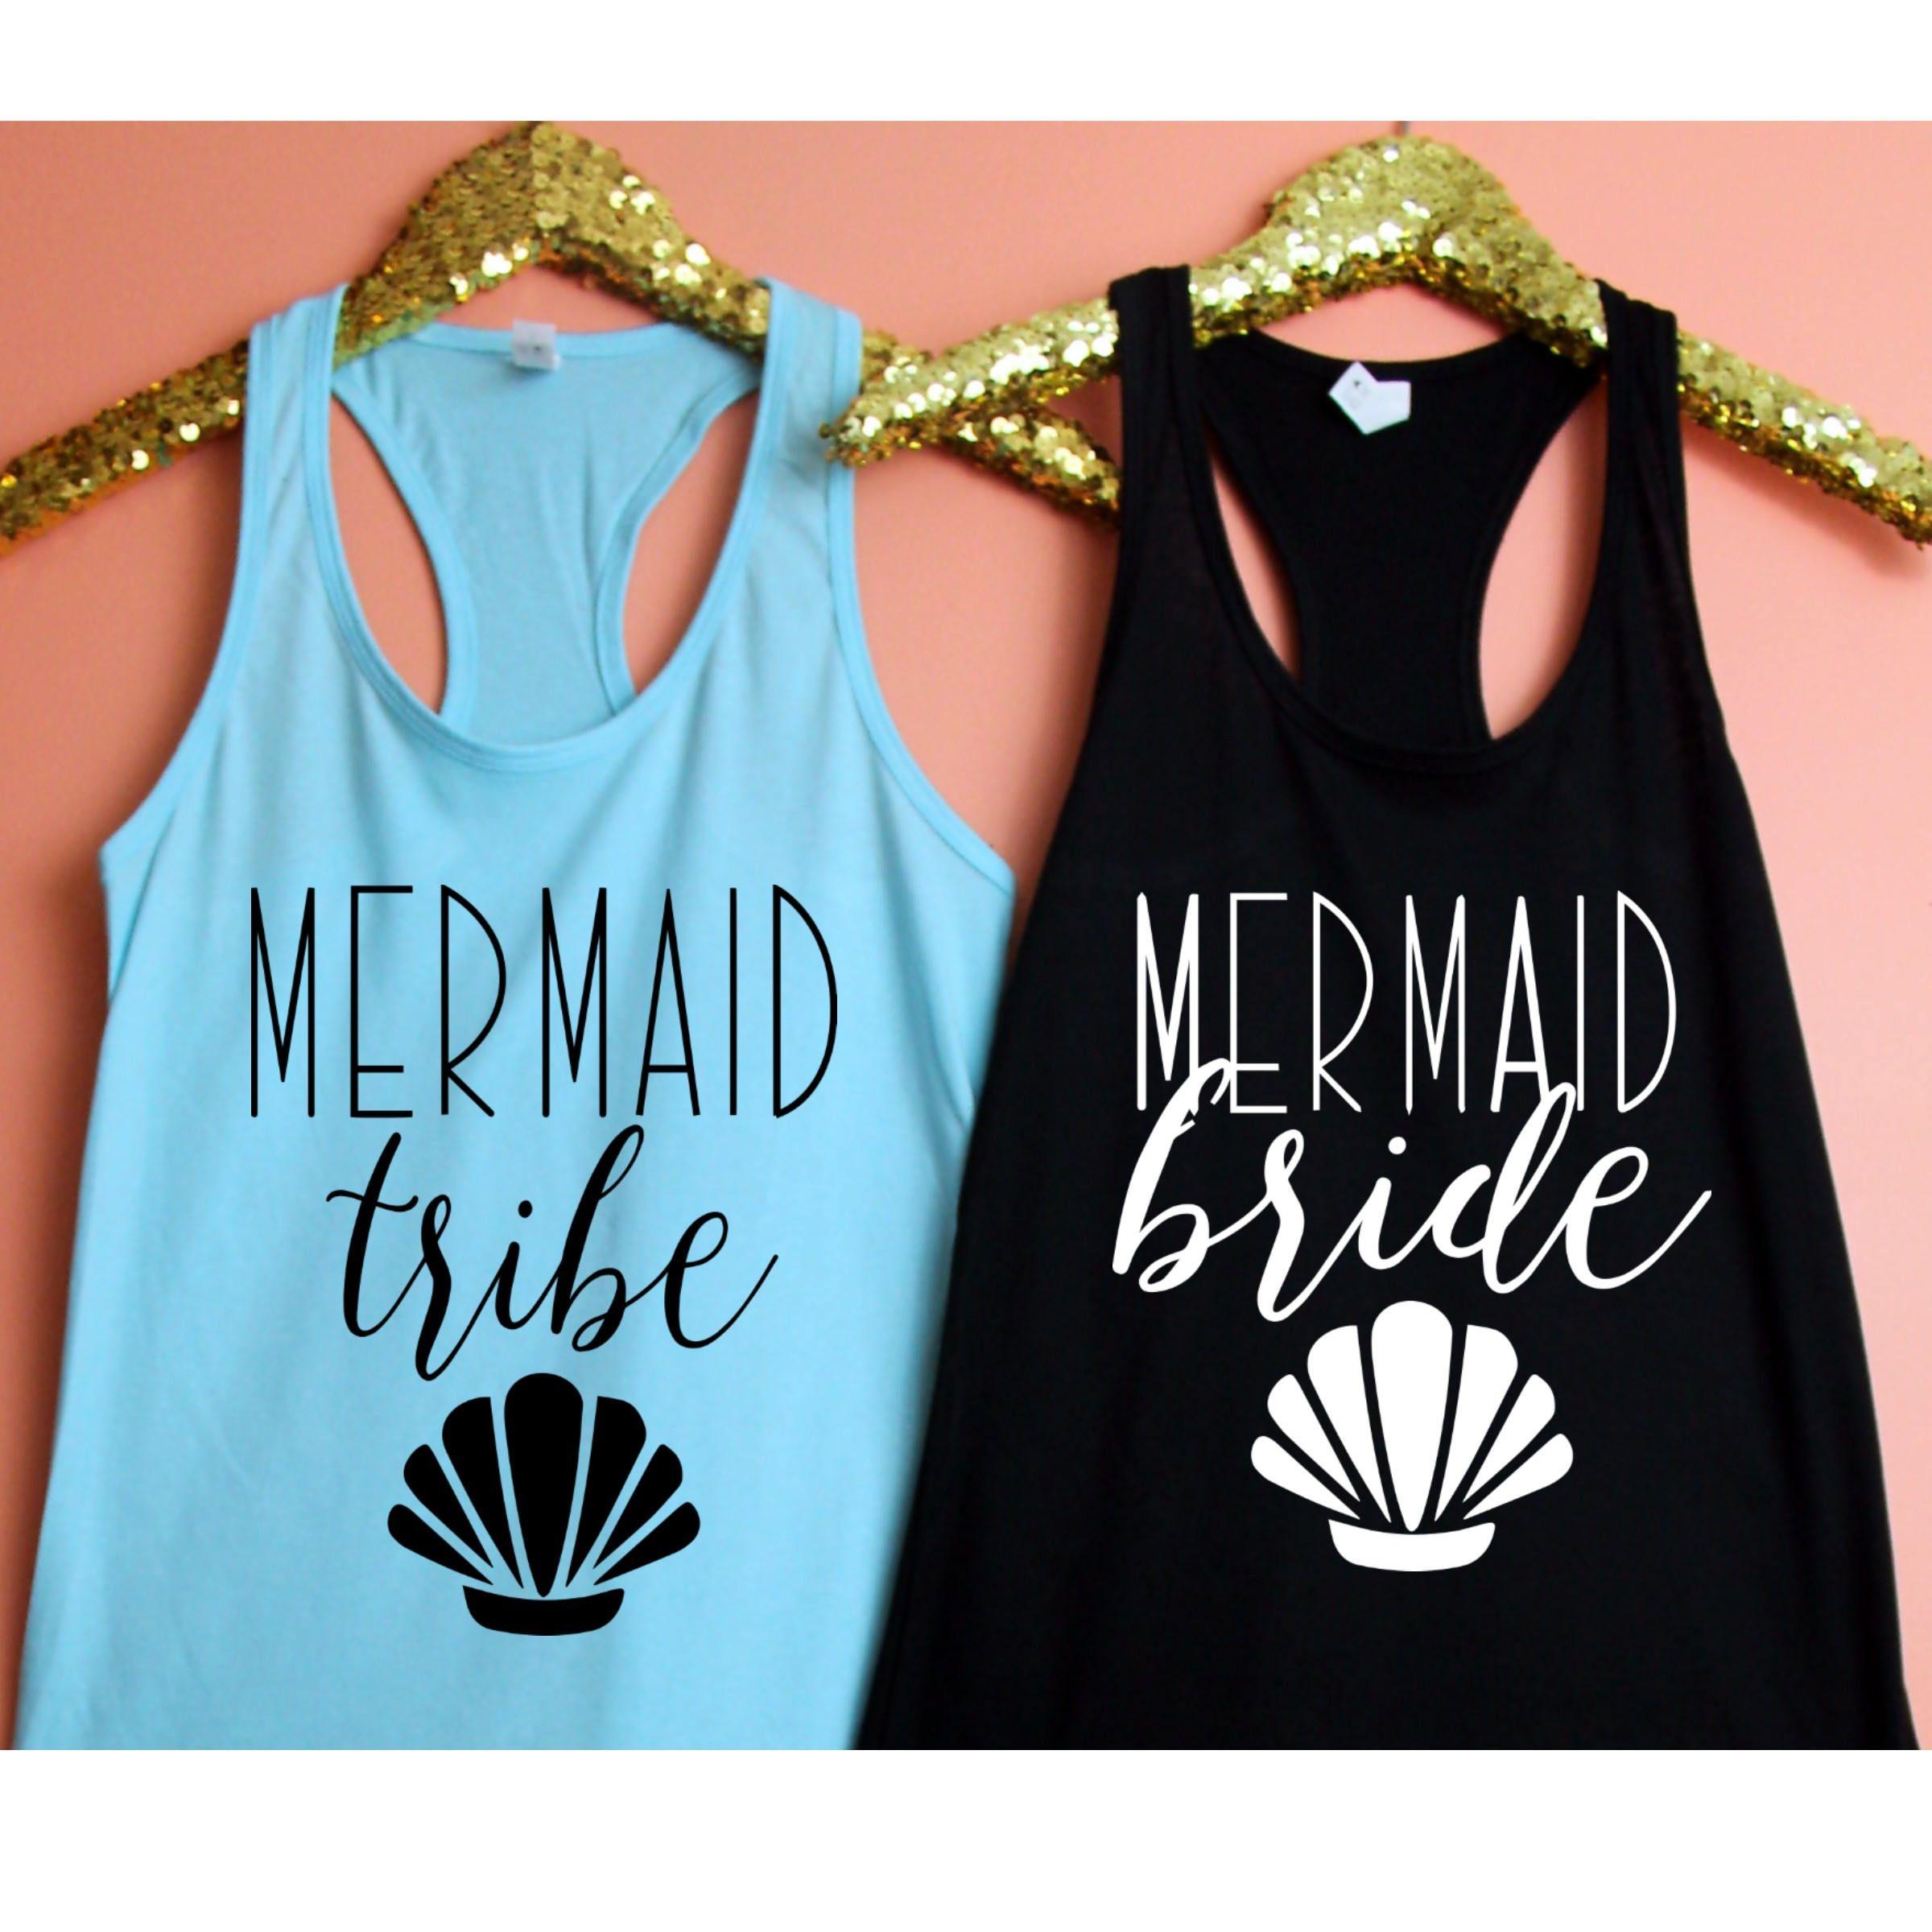 Mermaid Bride, Mermaid Tribe Fitted Racerback Tank Top, XS